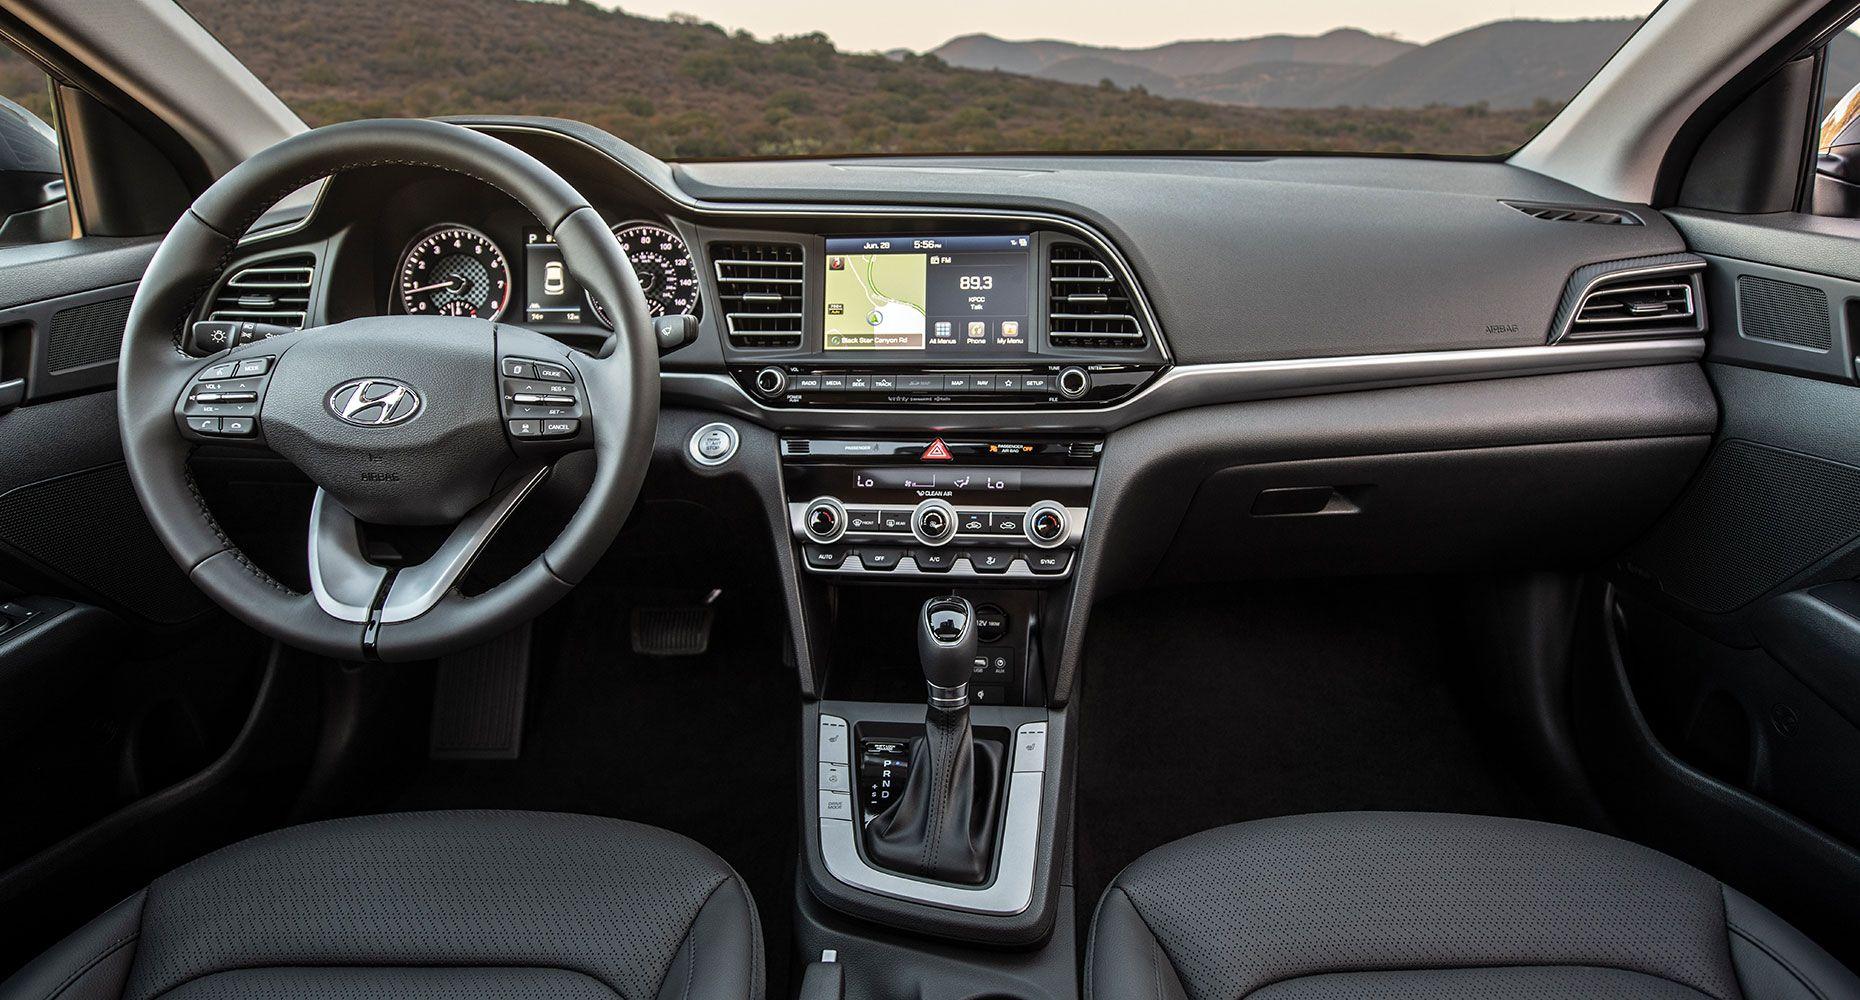 2019 Hyundai Elantra Features@ Milton Hyundai